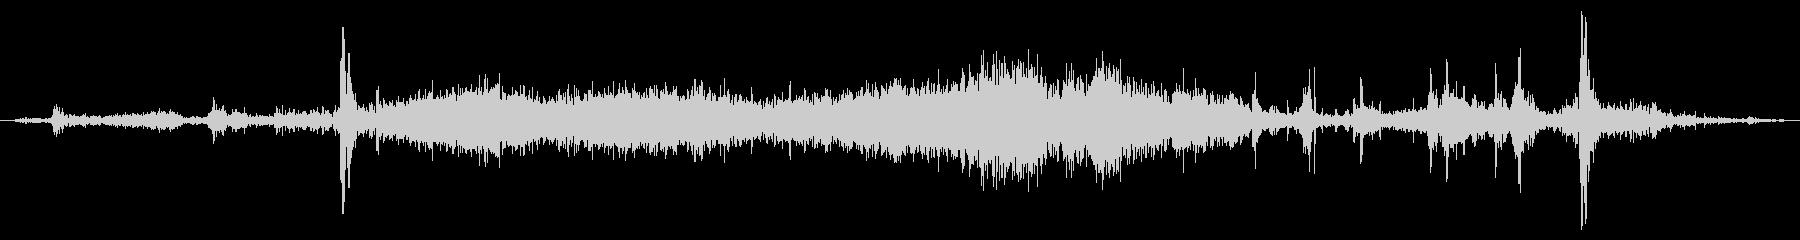 ファイバーグラスカヌー:EXT:S...の未再生の波形